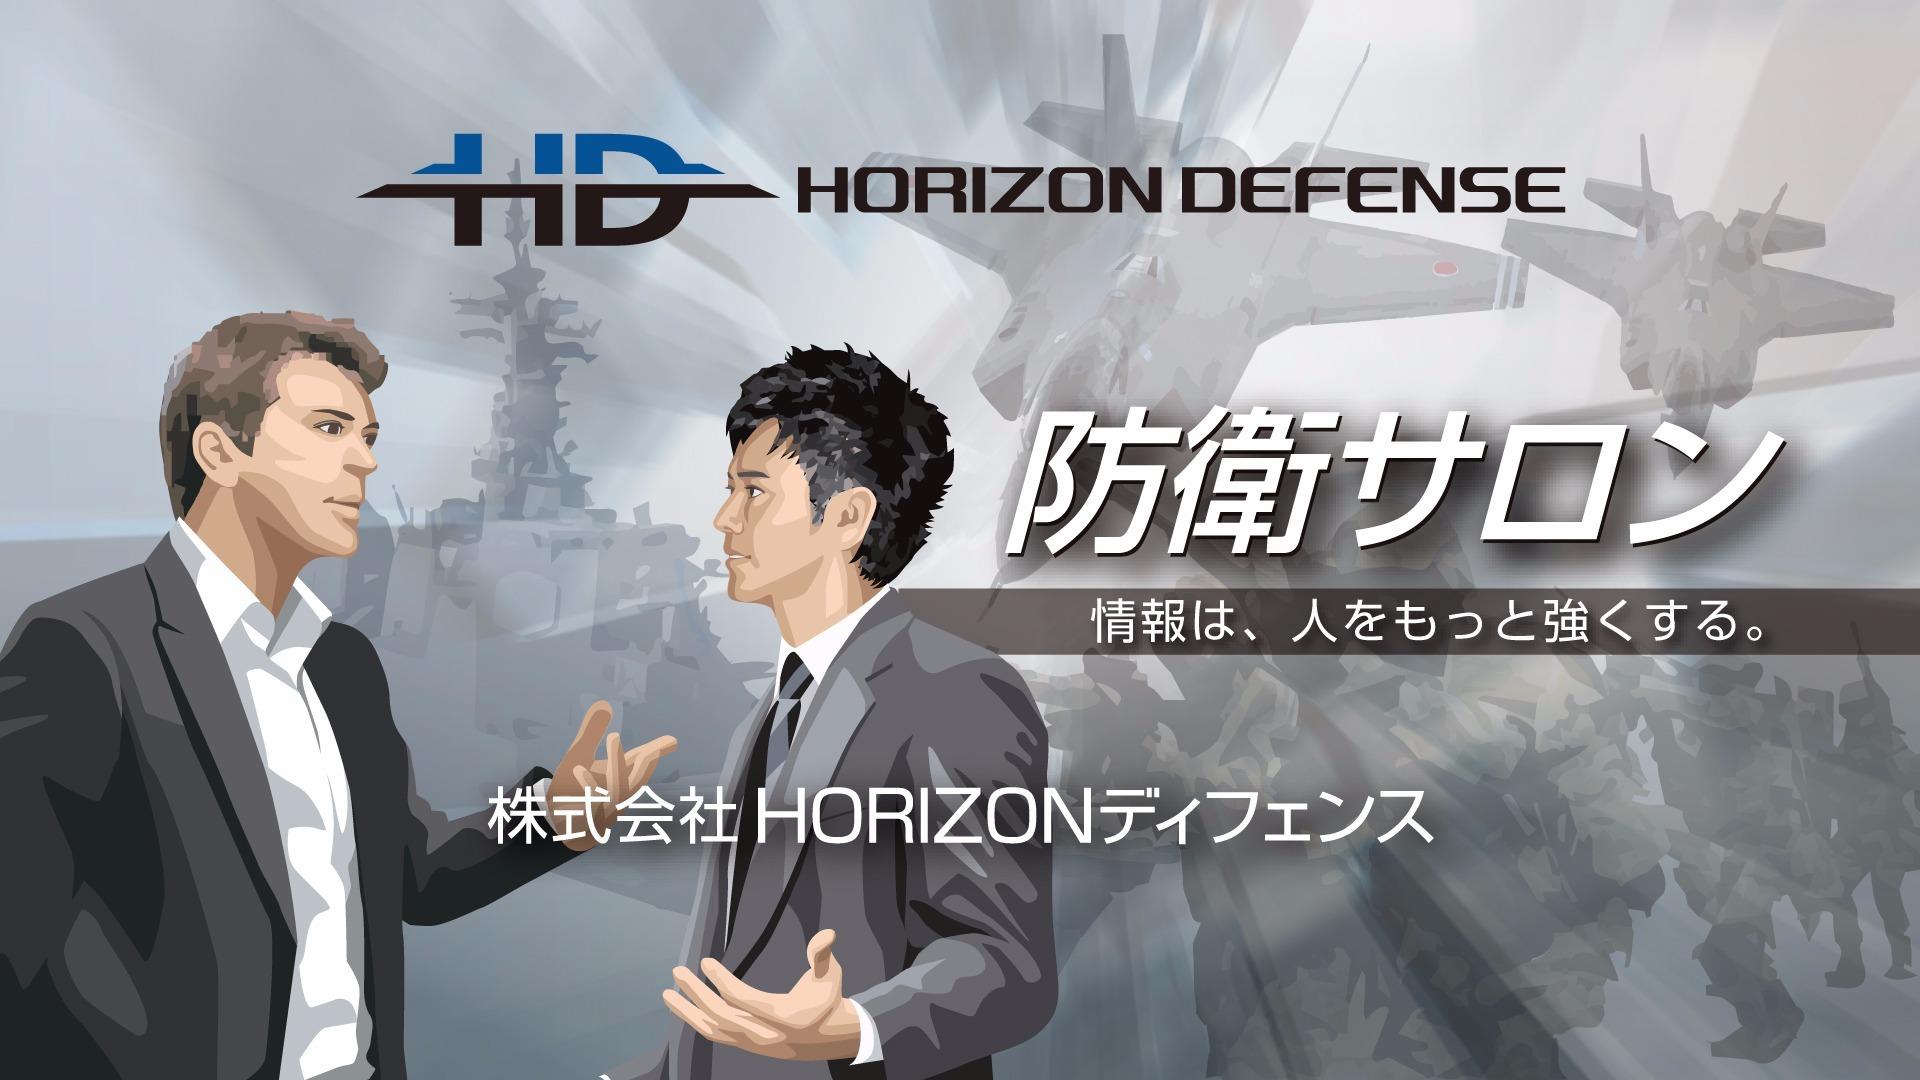 株式会社HORIZONディフェンス - 『防衛サロン』 あなたの思いが防衛に届く - DMM オンラインサロン